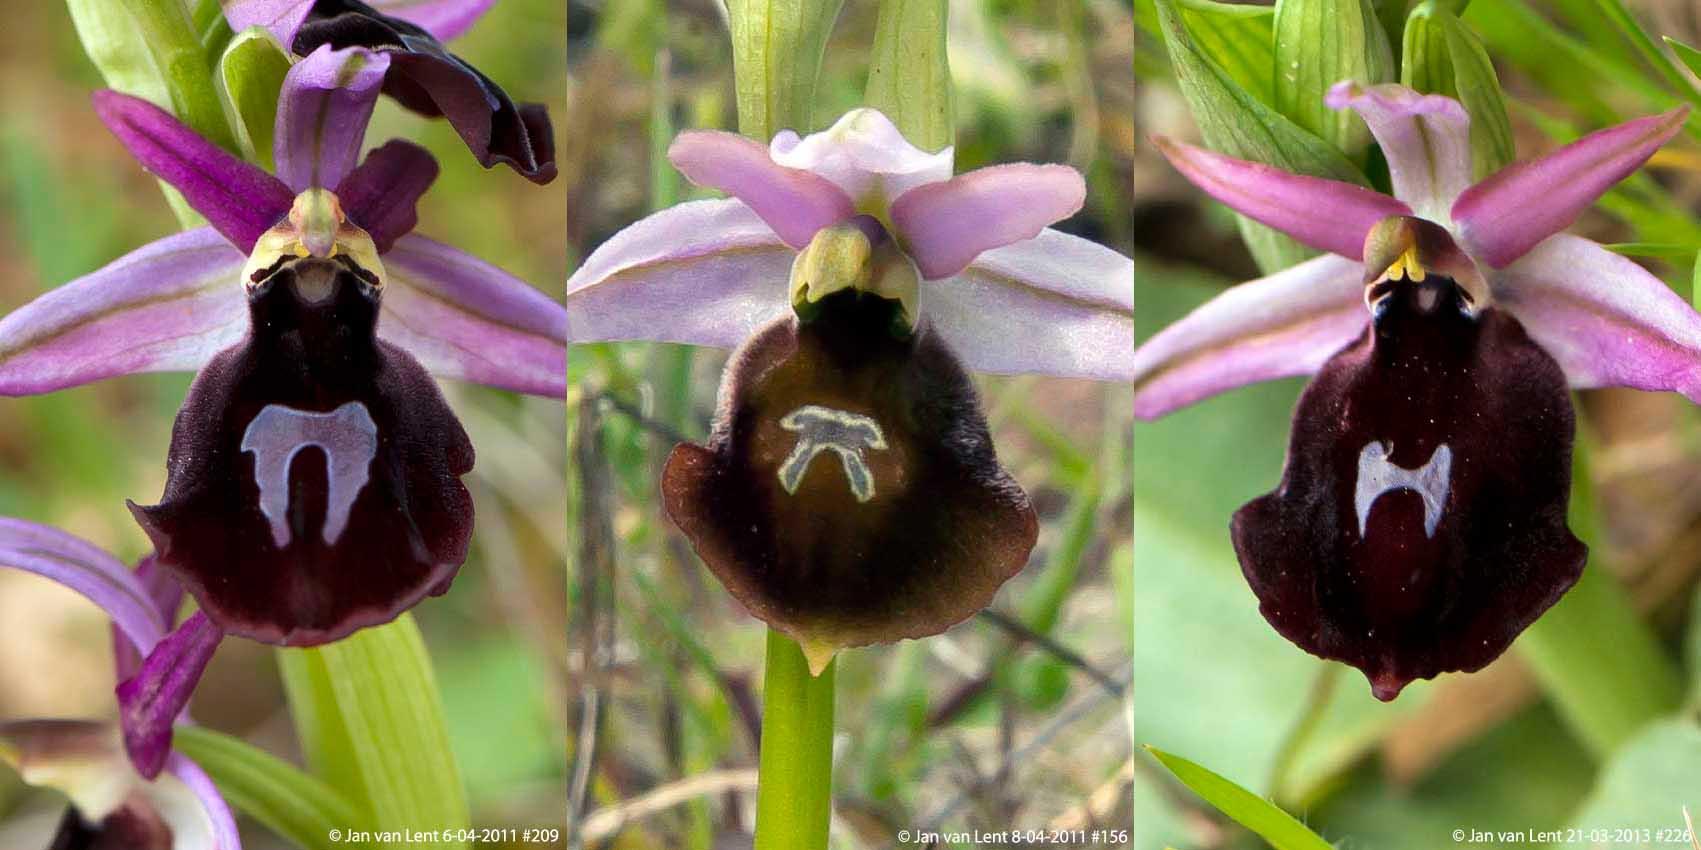 O.ferrum-equinum, Anemomilos 6-04-11 #209. O.lesbis, Andissa 8-04-11 #156.  O.labiosa, Alifantá 21-03-13 #226